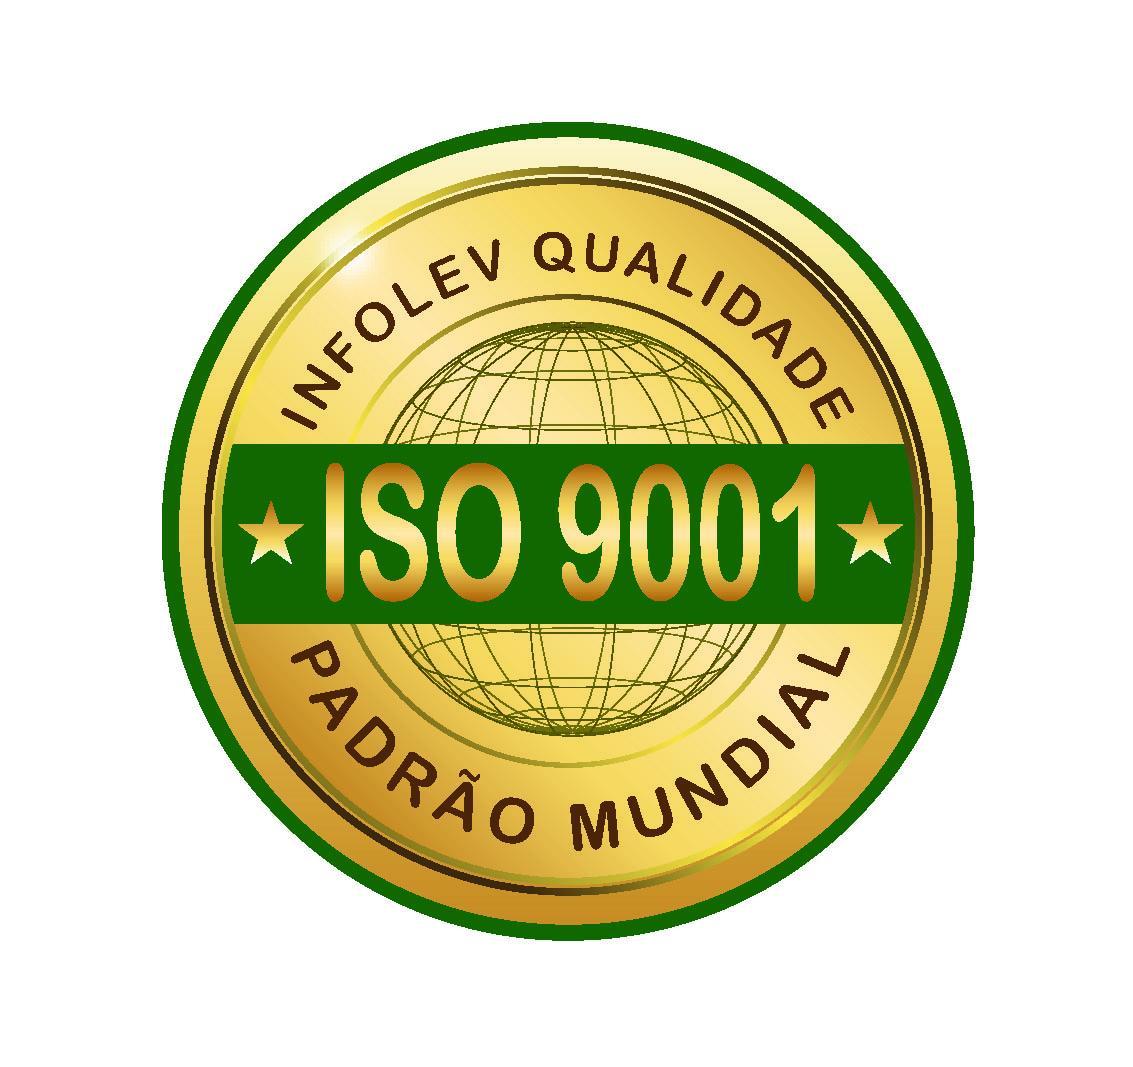 Infolev - Mais de 20 anos com certificação ISO 9000